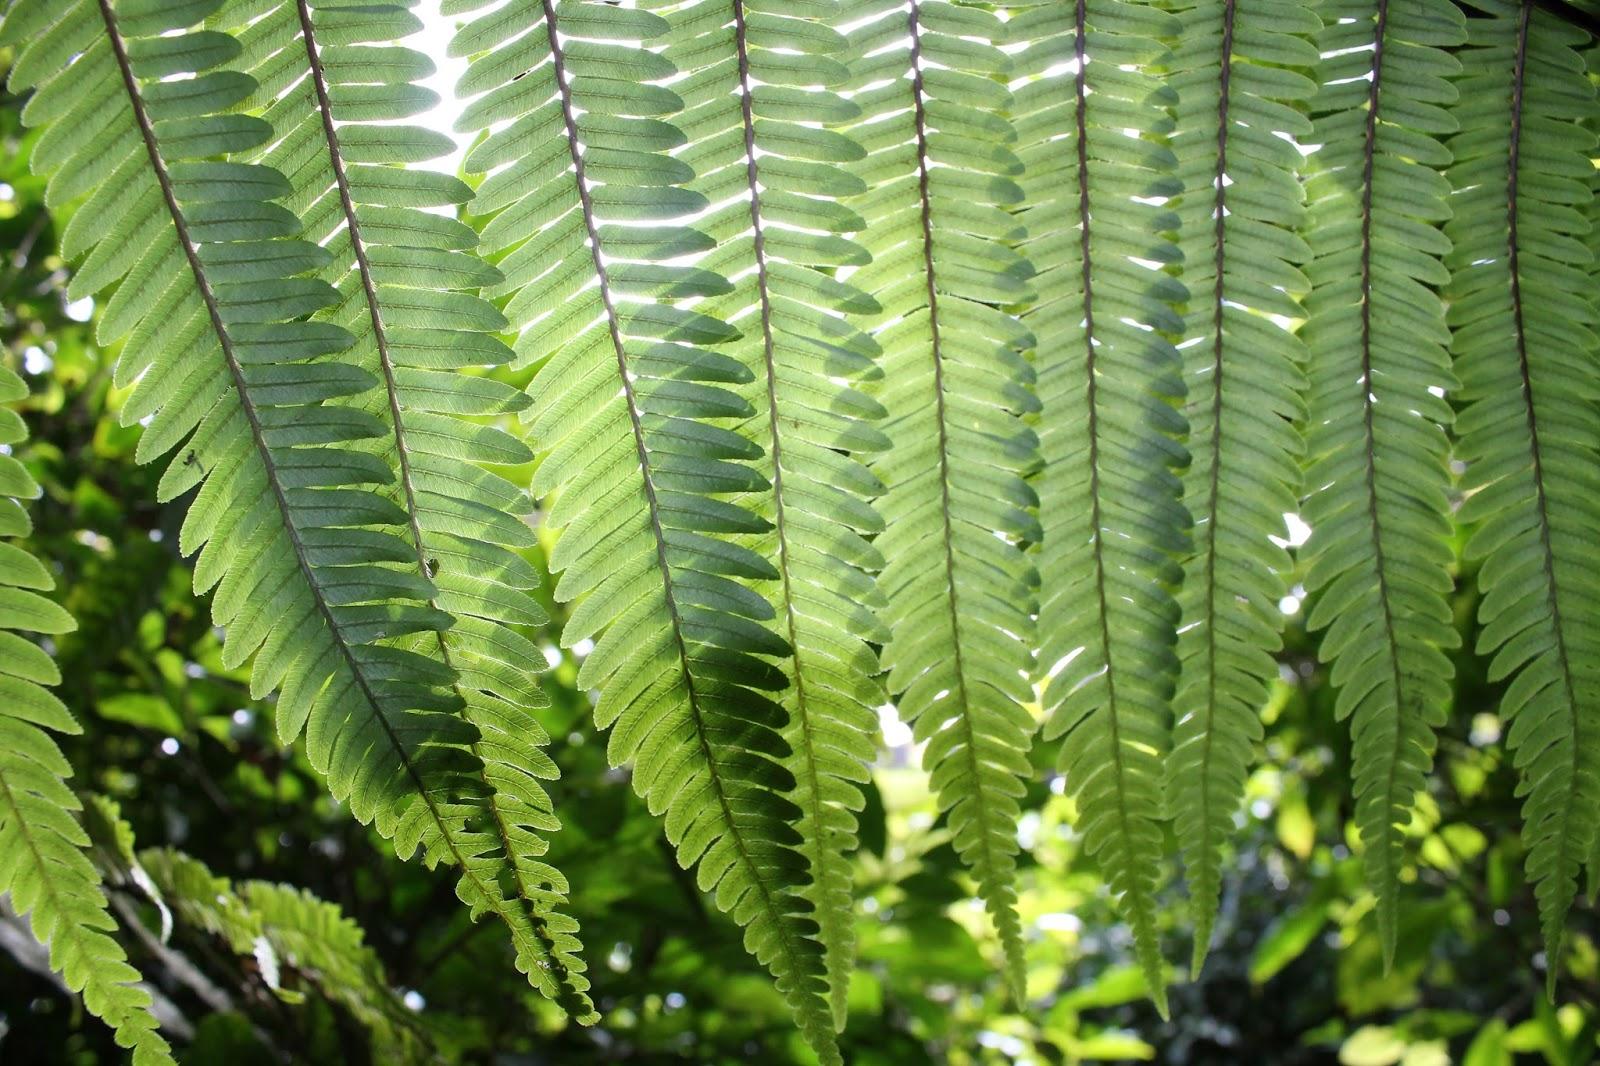 réunion île gotoreunion labyrinthe en champ thé tea grand coude visite à faire jumbocar irt tourisme 974 arbre theier